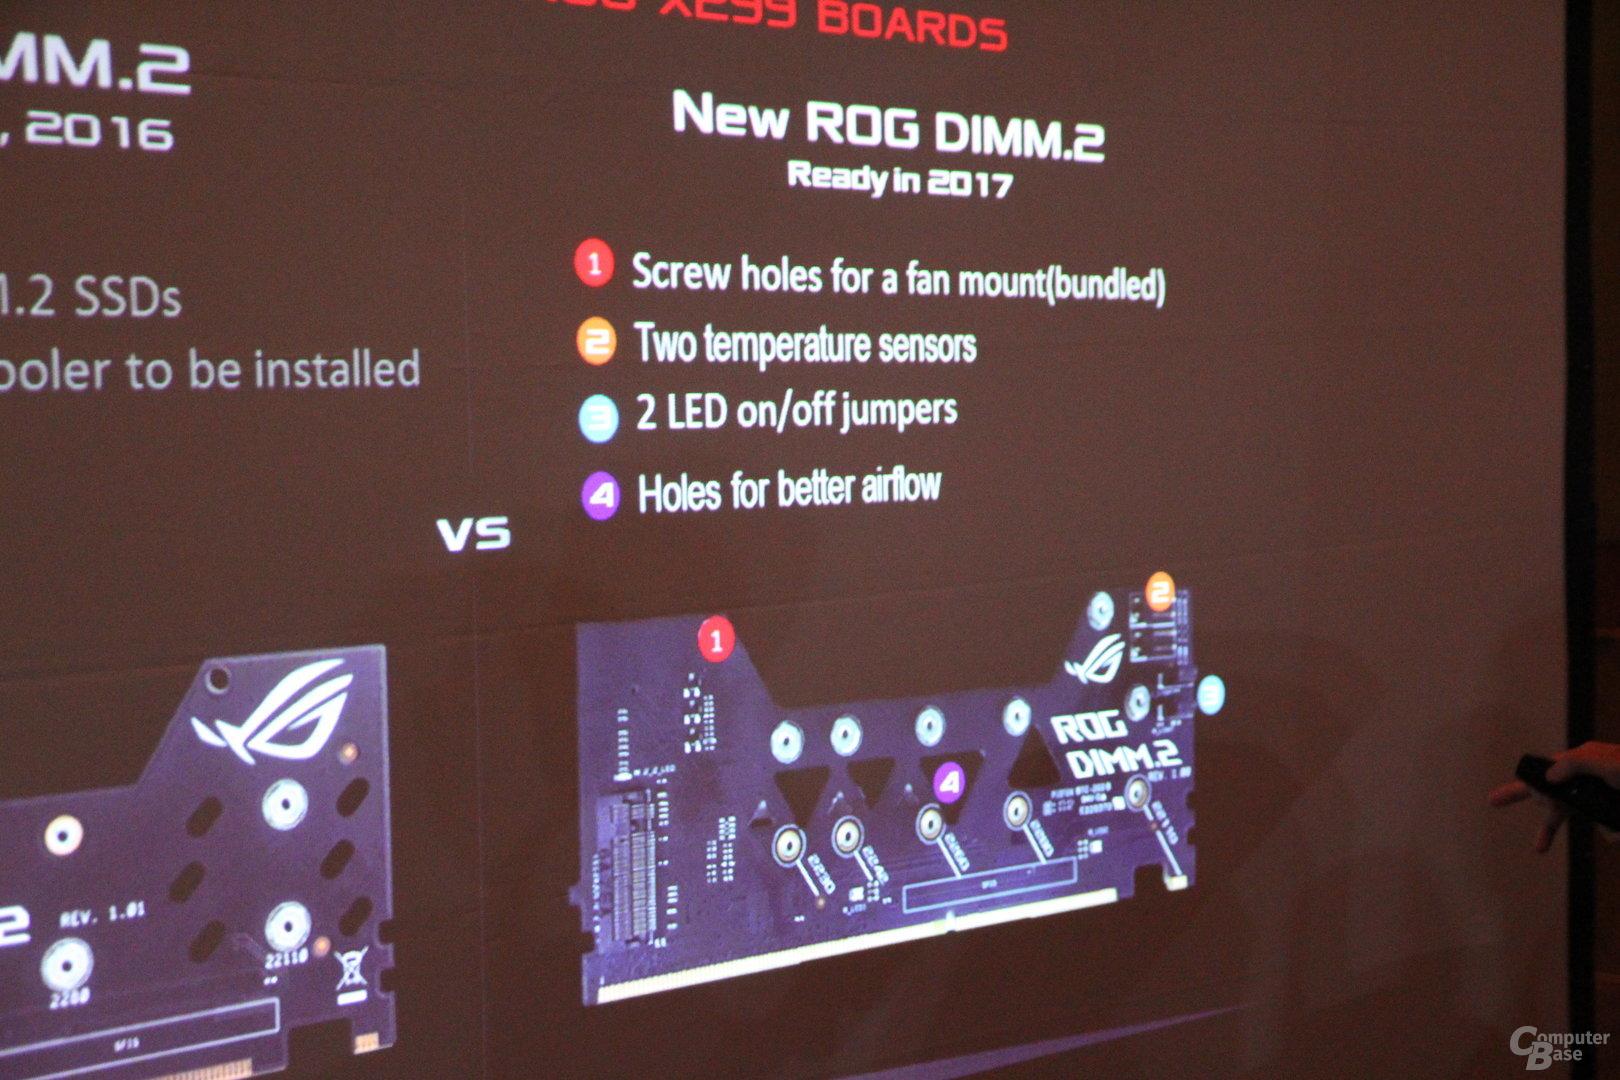 ROG DIMM.2 für M.2